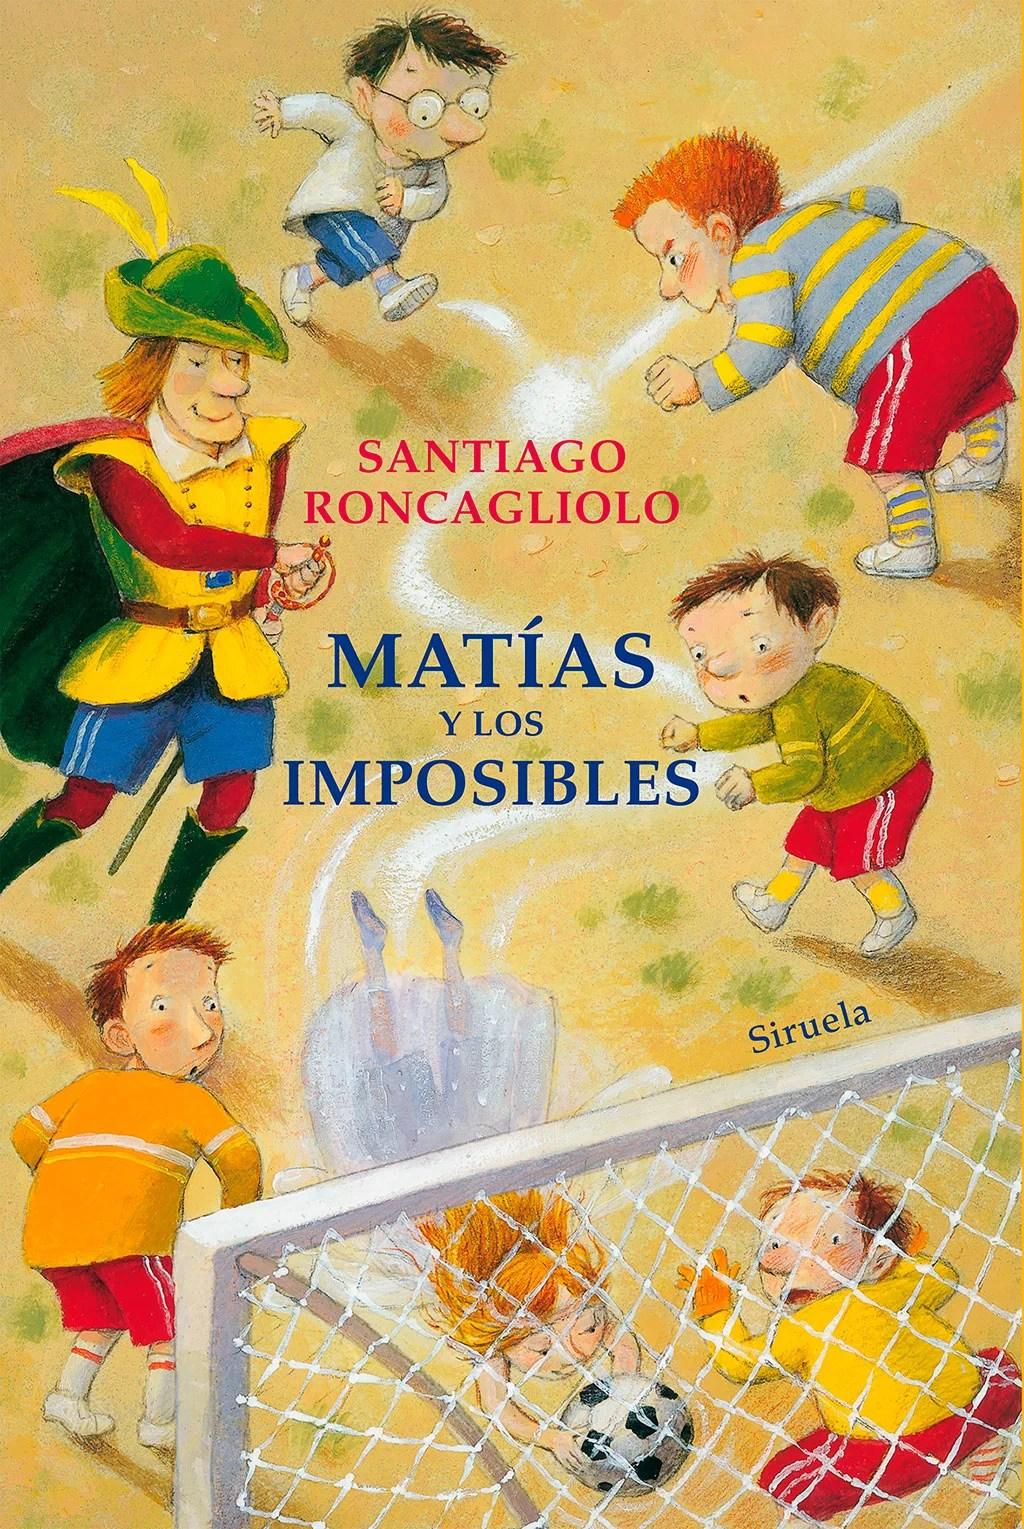 Santiago Roncagliolo. Matias y los imposibles.